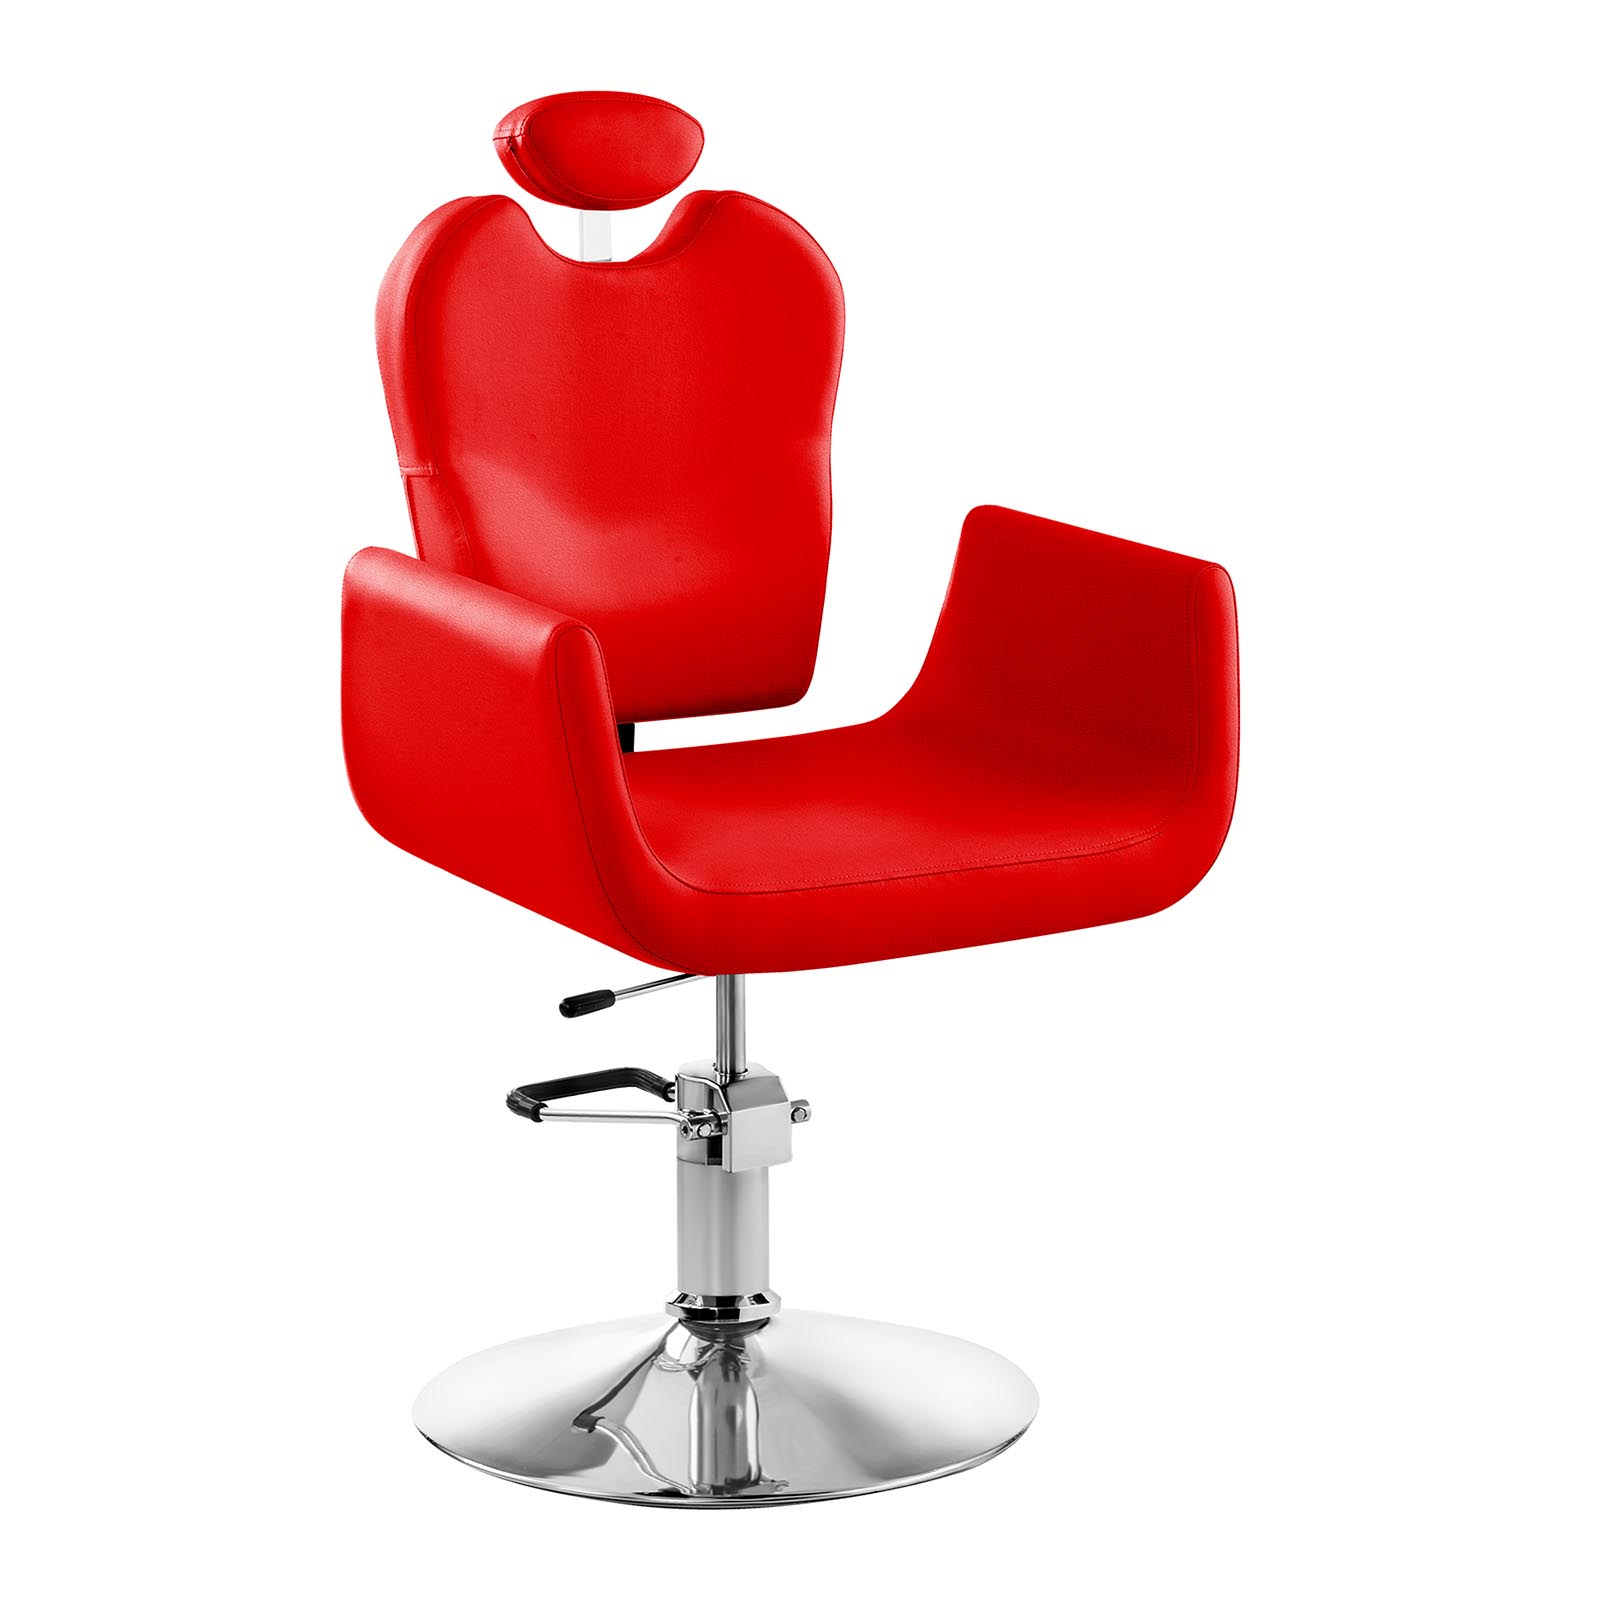 physa Friseurstuhl Livorno Red